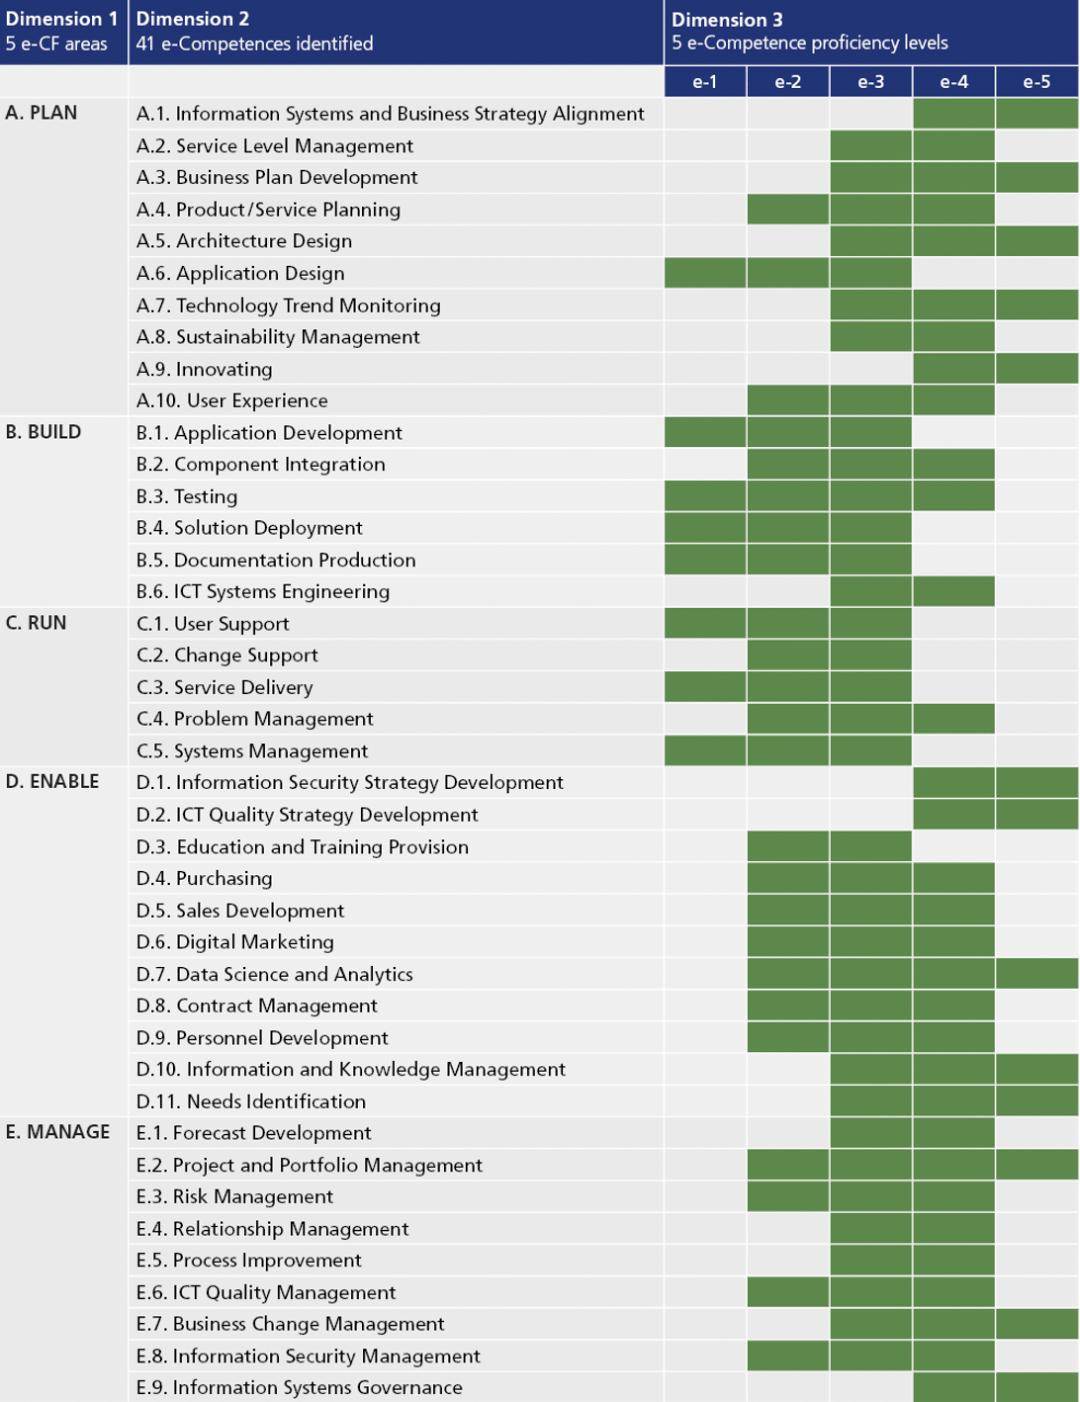 华为和伙伴的人才生态:标准、密度、开源